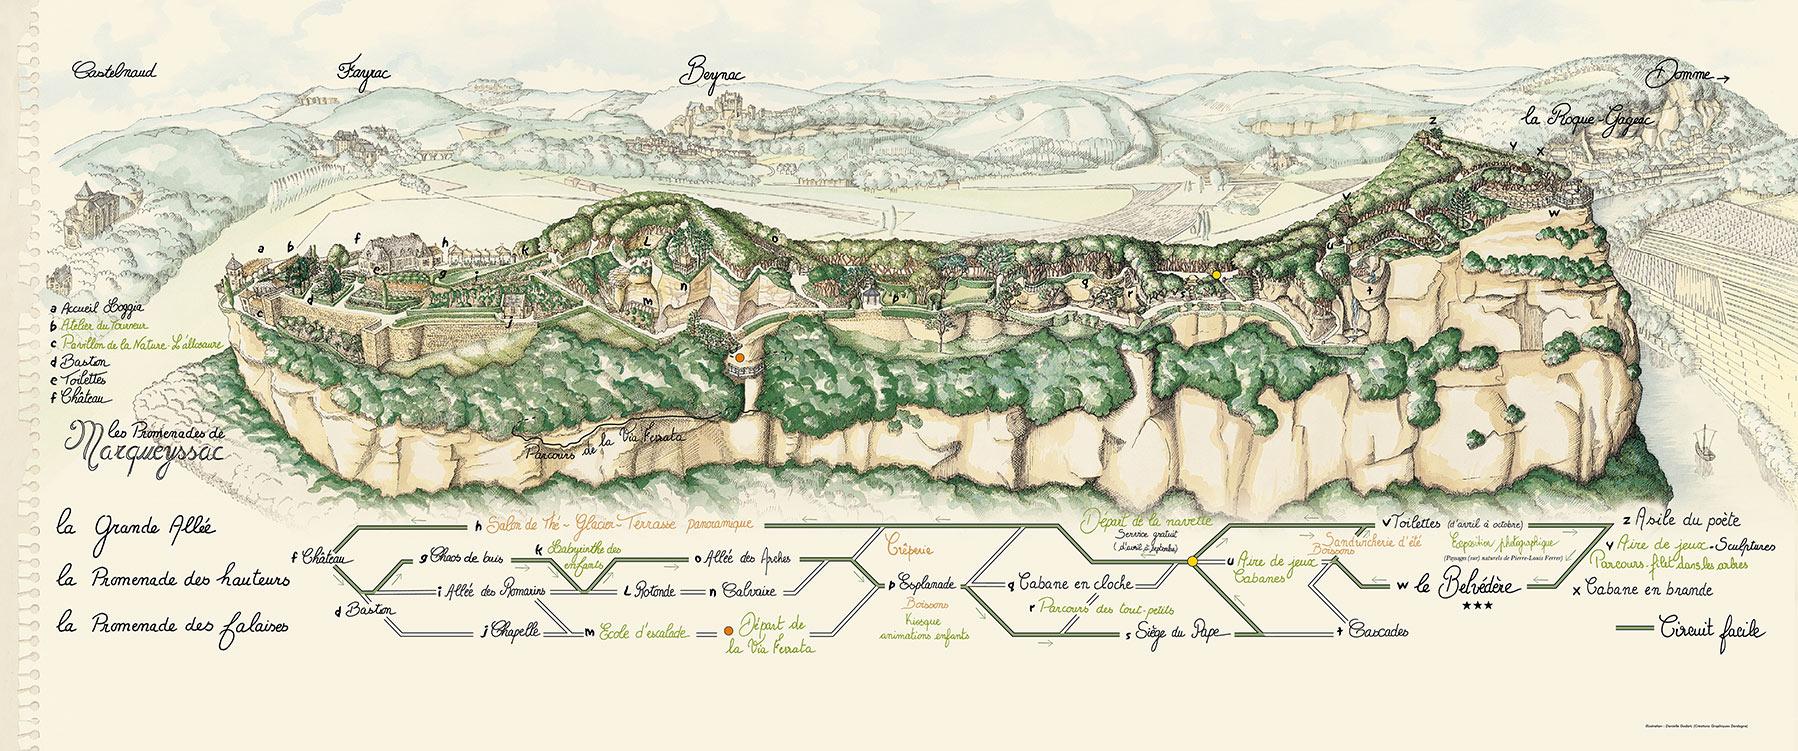 The overhanging gardens of Marqueyssac Dordogne Sarlat garden map